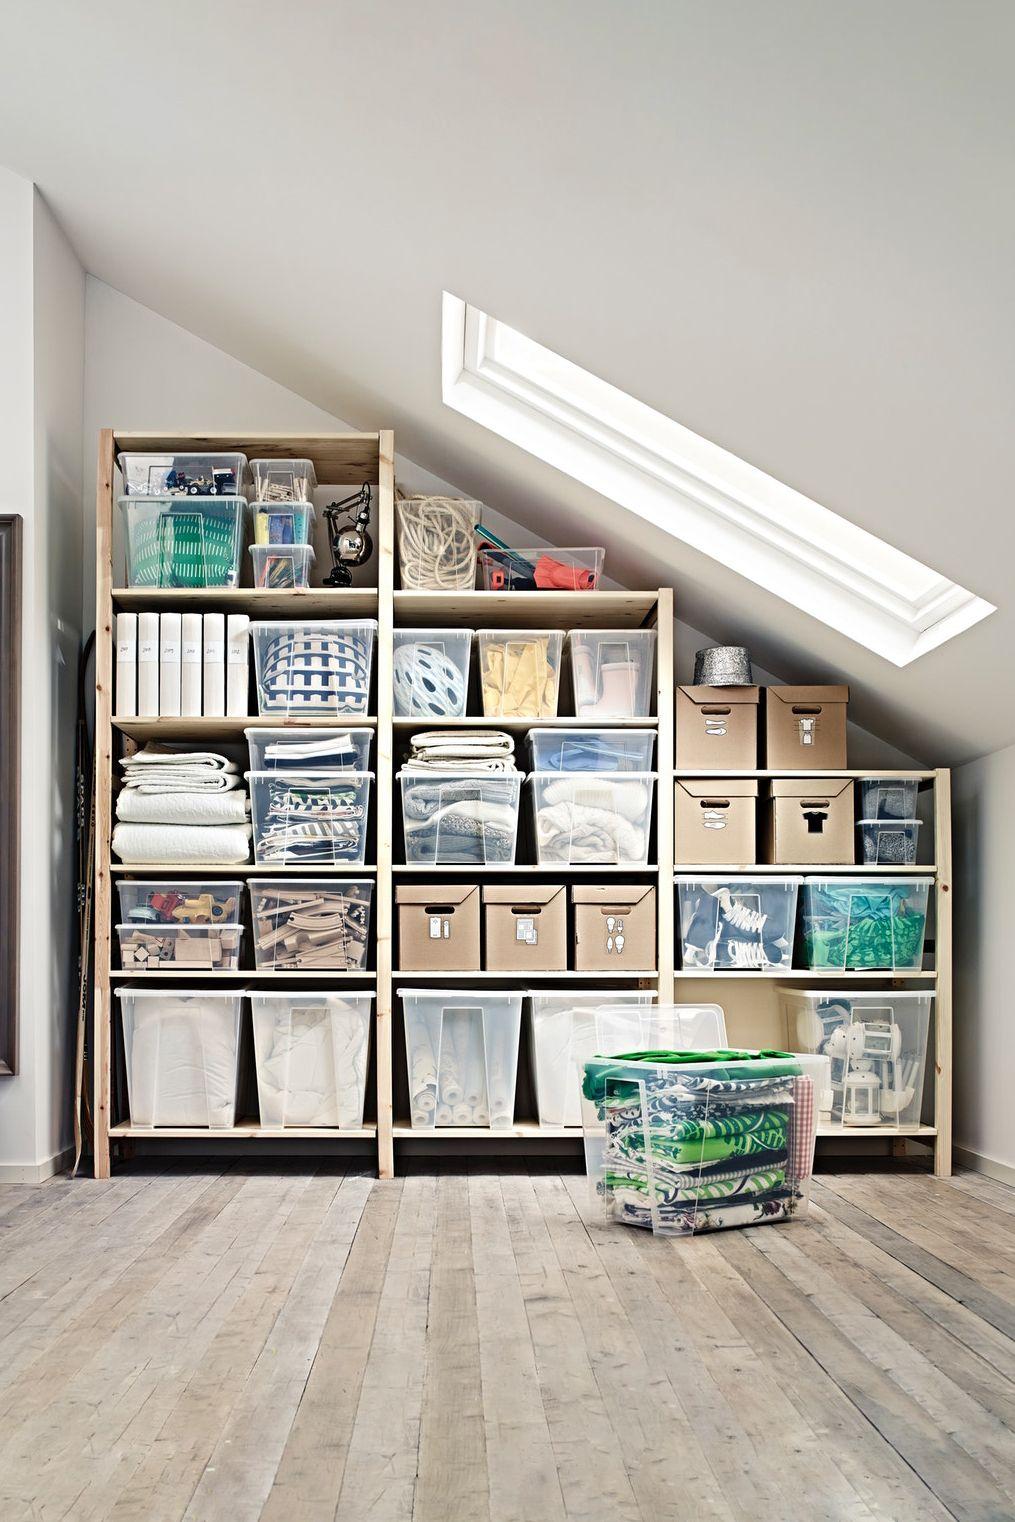 Ivar 3 Elem Boden Kiefer Ikea Deutschland Aufbewahrungssysteme Aufbewahrung Regal Kinderzimmer Regal Dachschrage